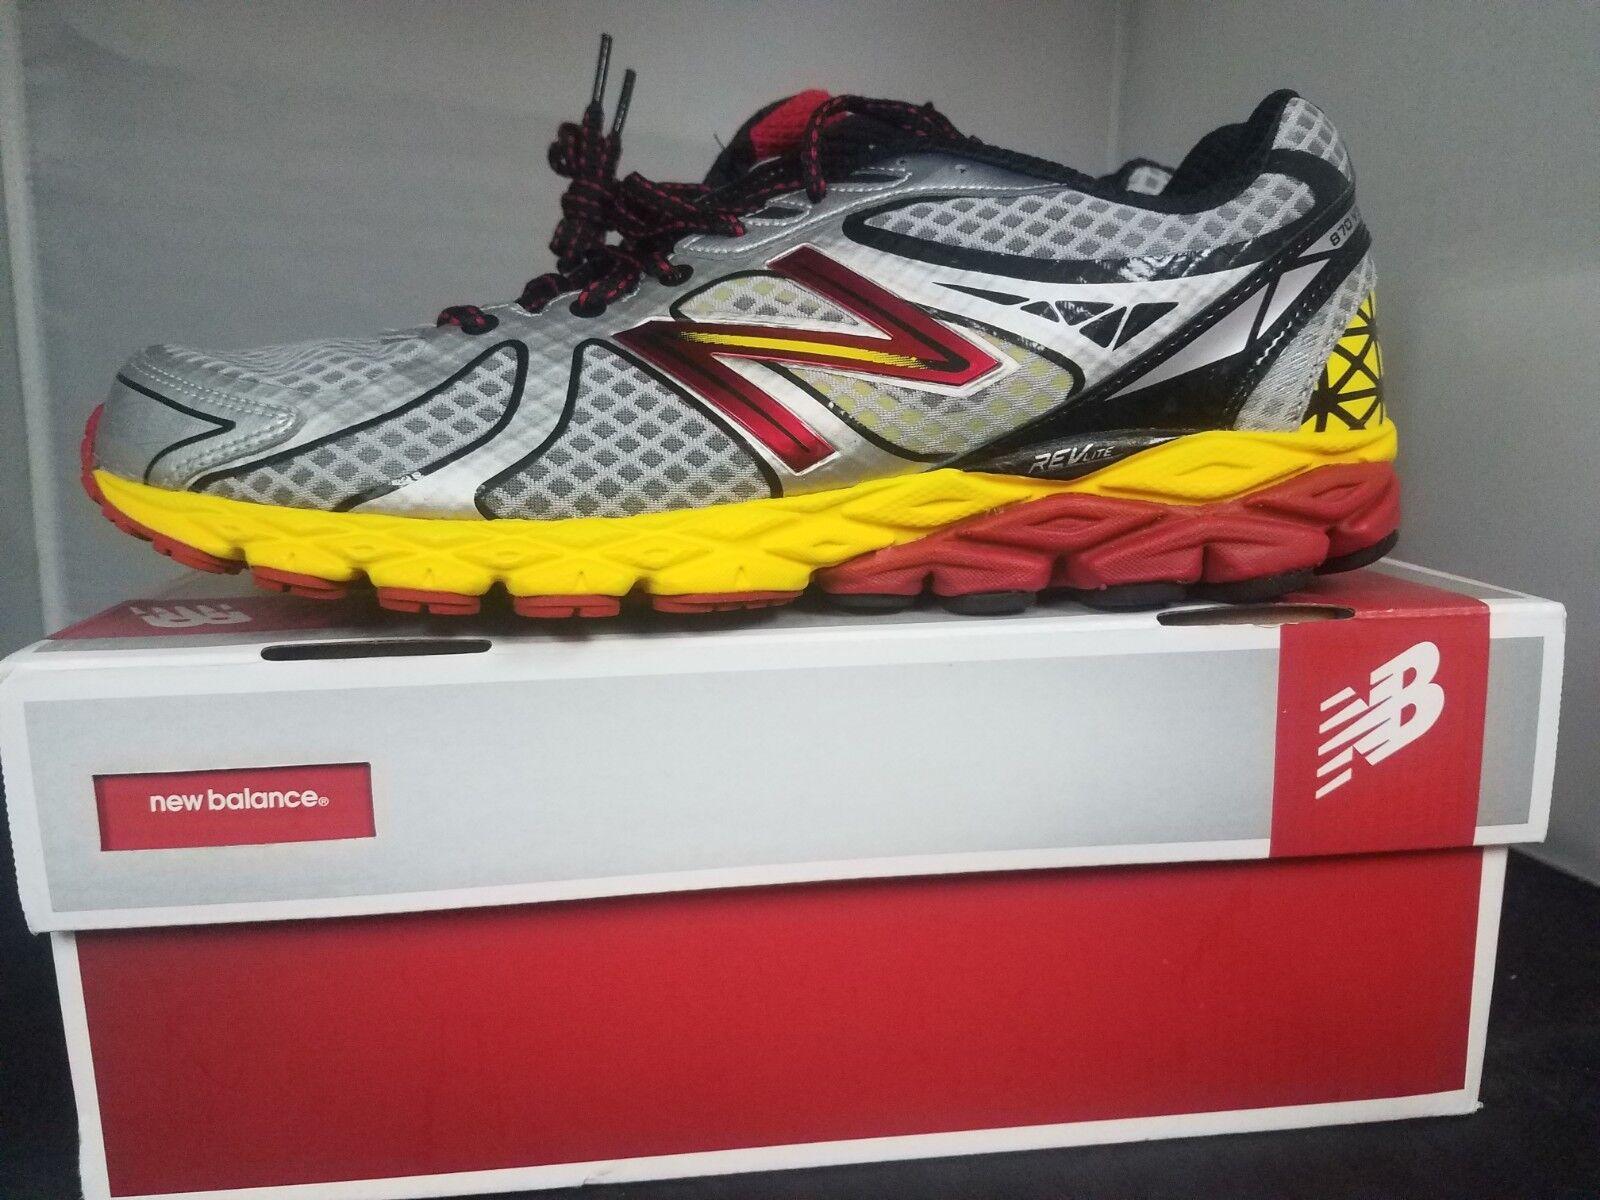 New balance M870SY3 Para Hombre Zapatillas Para Correr gris Rojo Amarillo-Nuevo En Caja